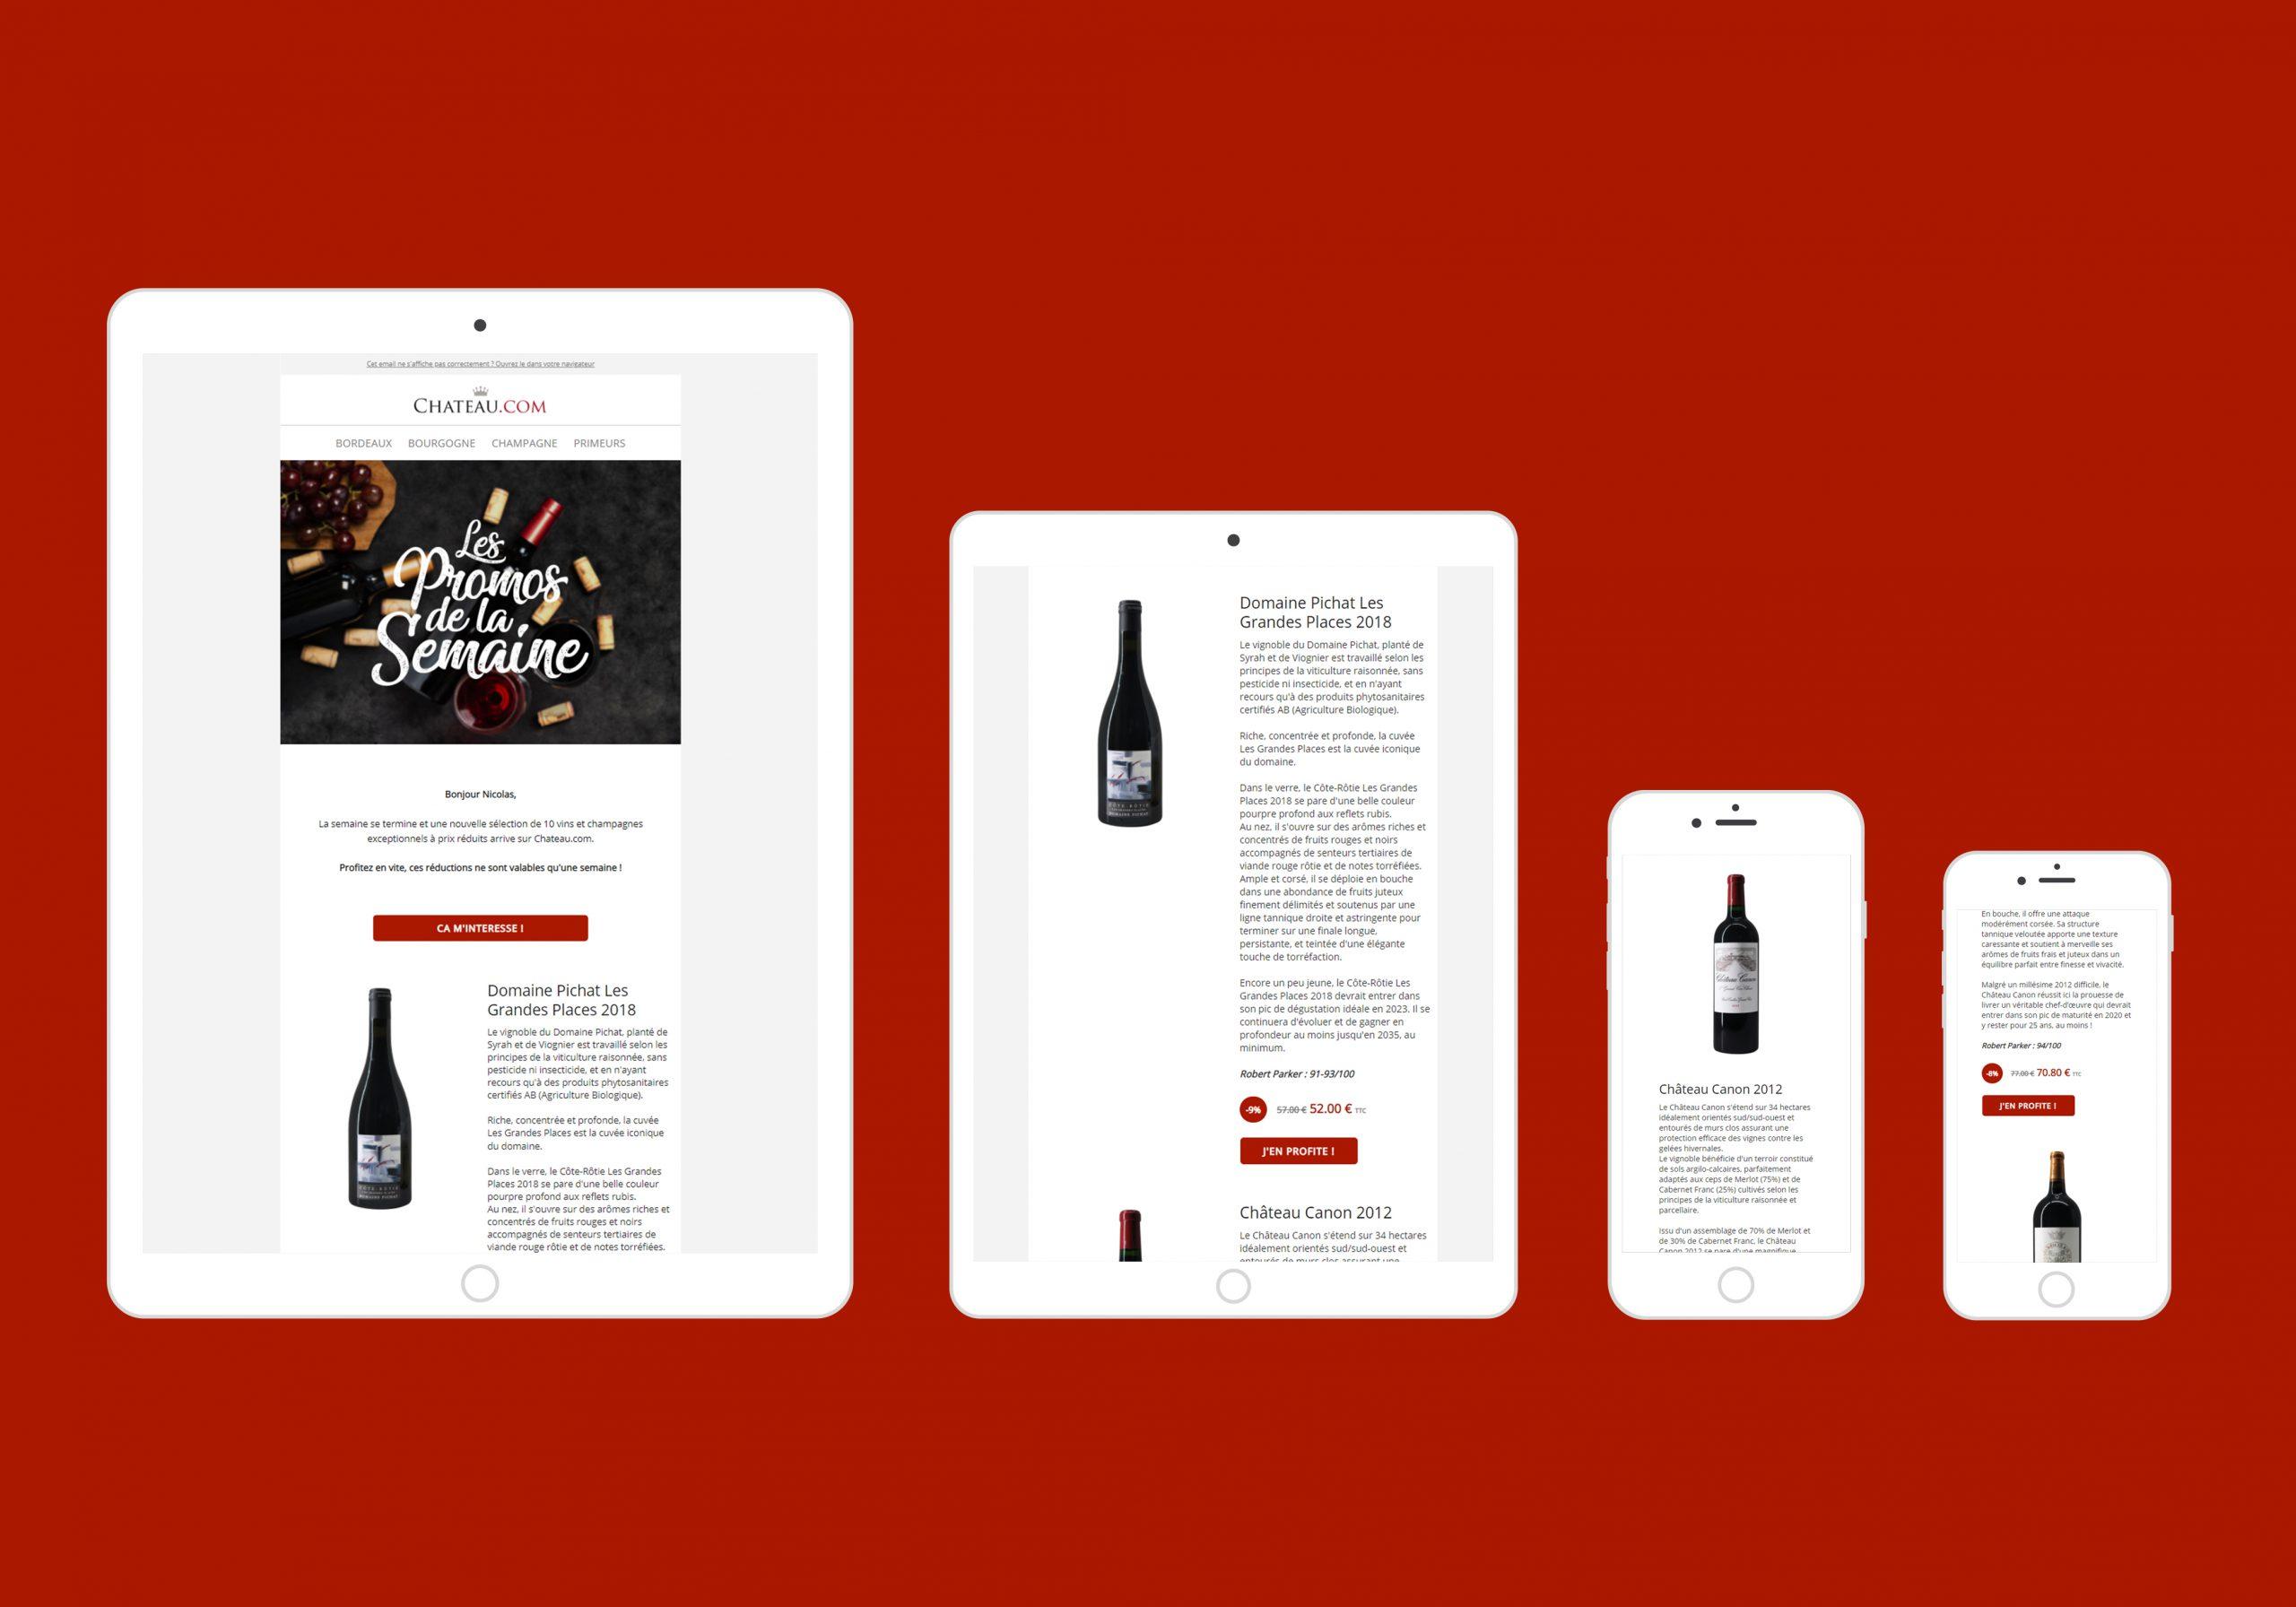 Template d'e-mail responsive pour Chateau.com